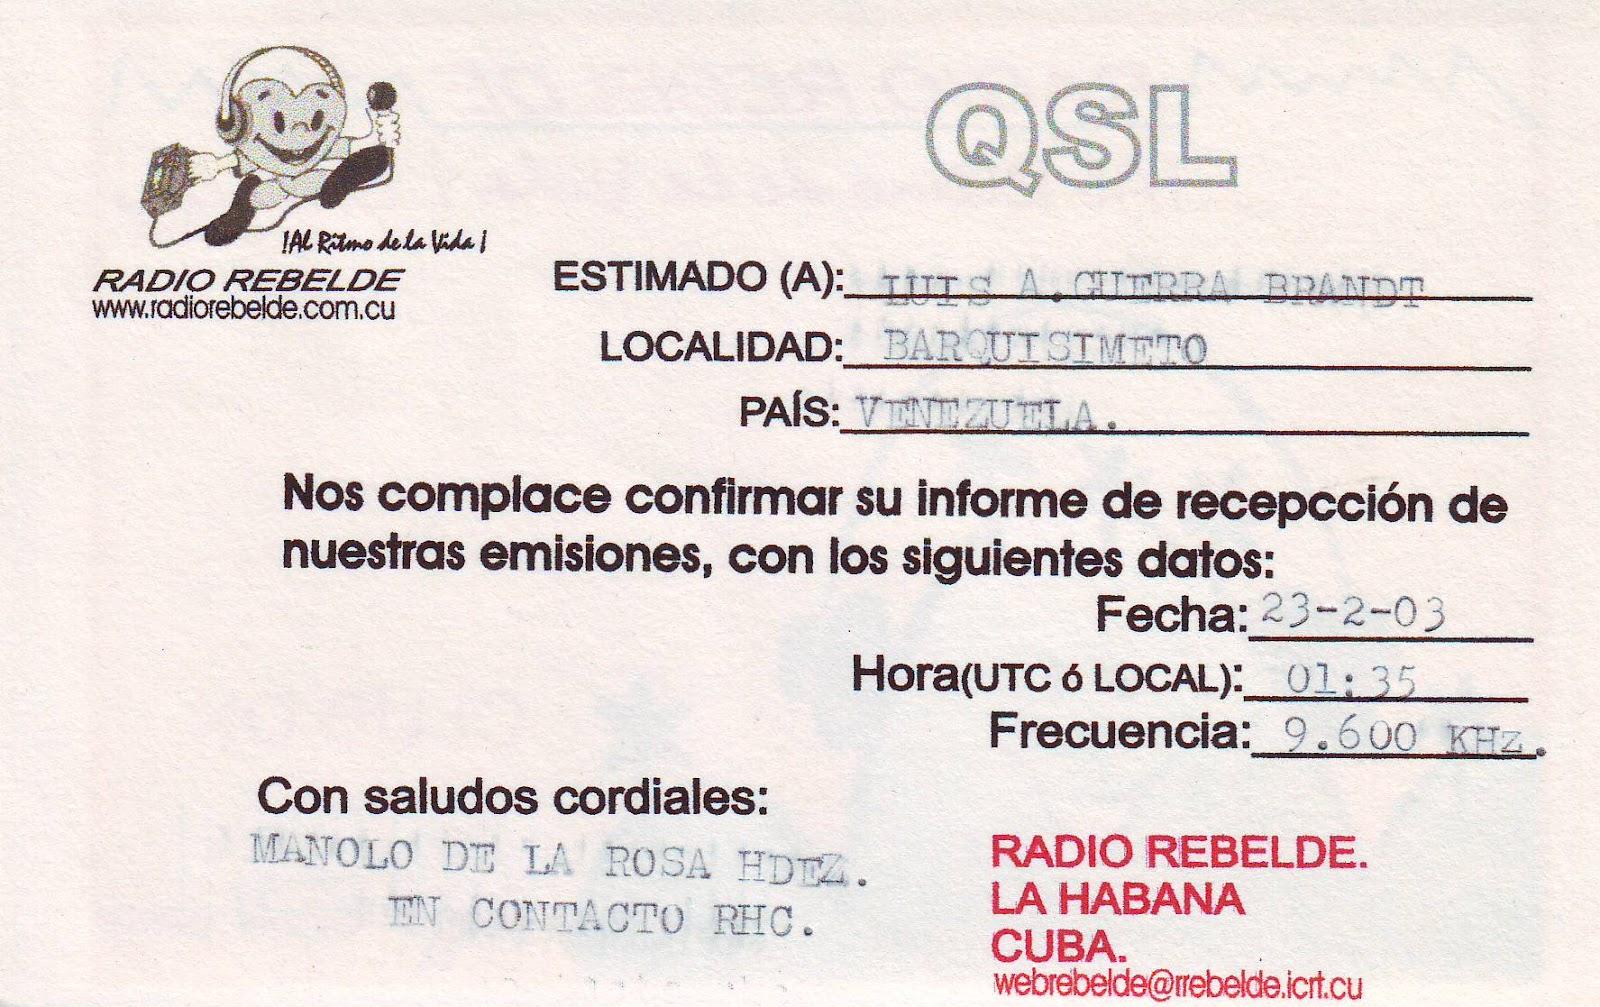 granma 5 marzo 2003: